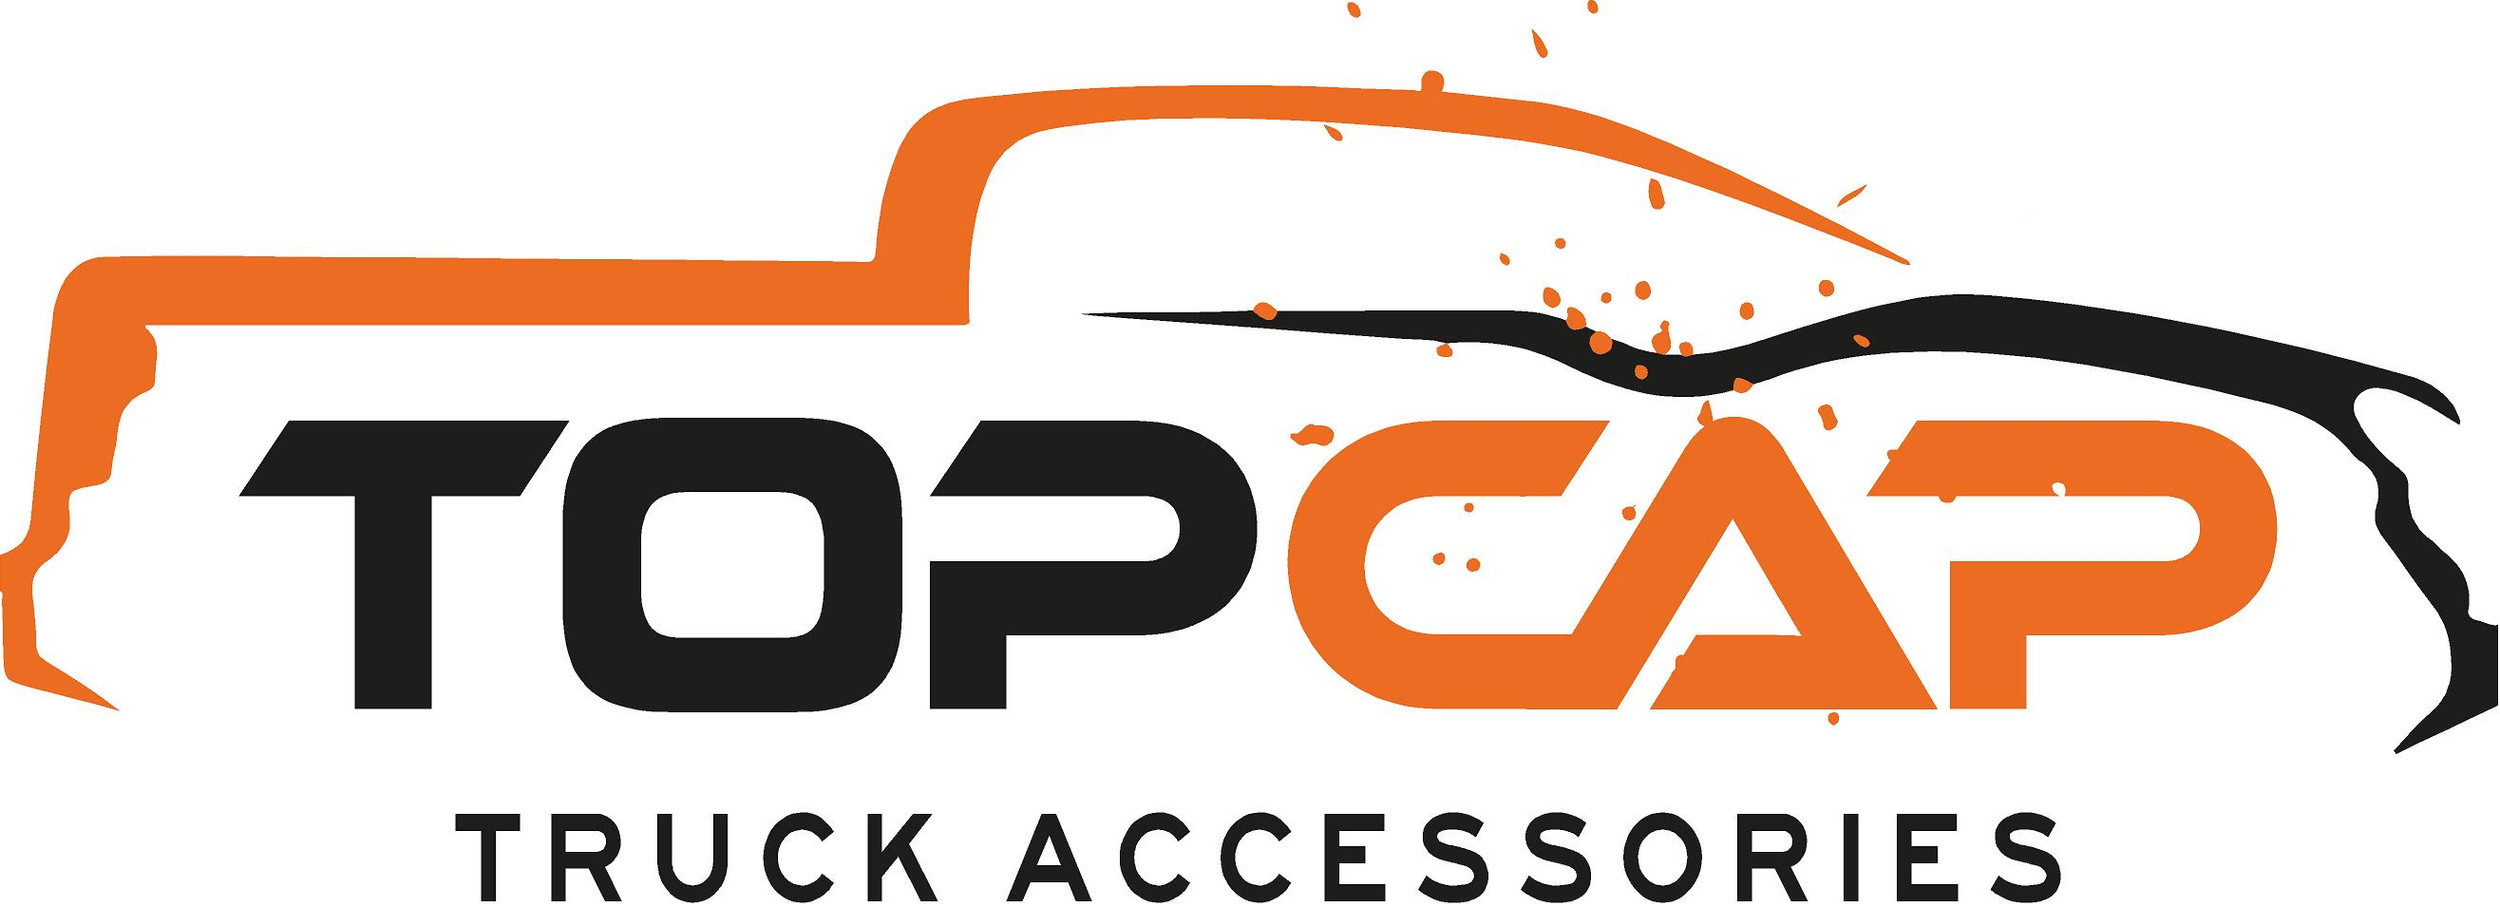 Leer Truck Caps | Transfer | TopCap Truck Accessories